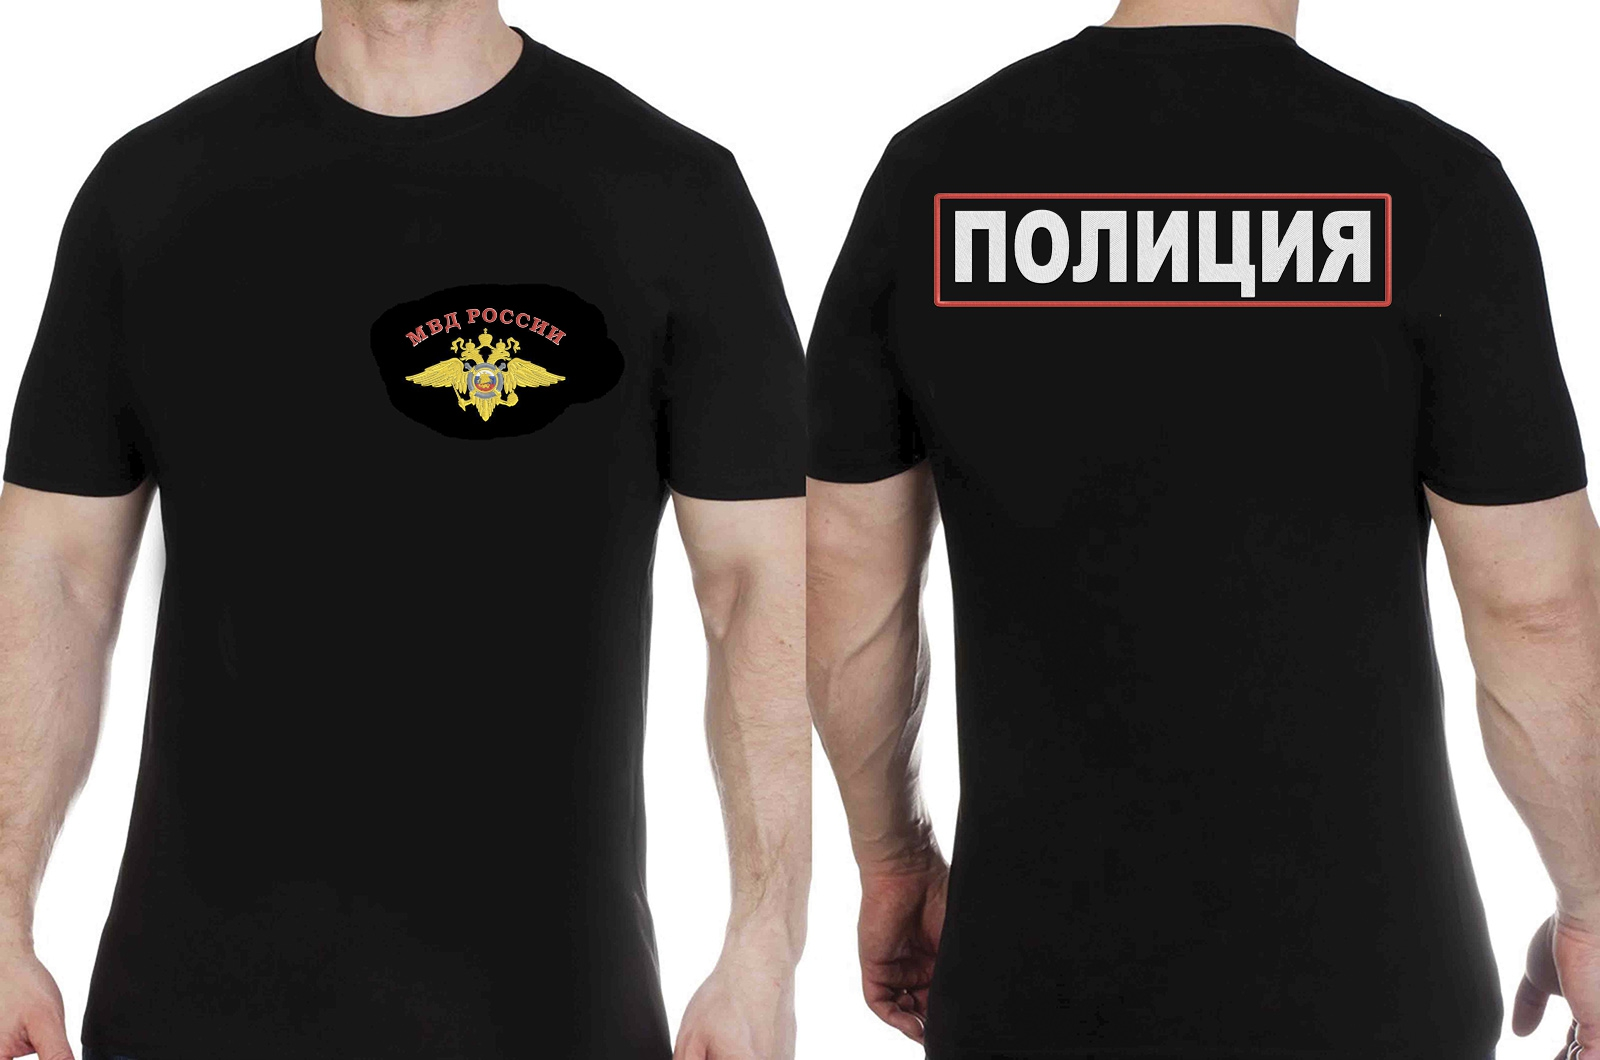 Заказать футболку Полиции с вышитым гербом МВД России